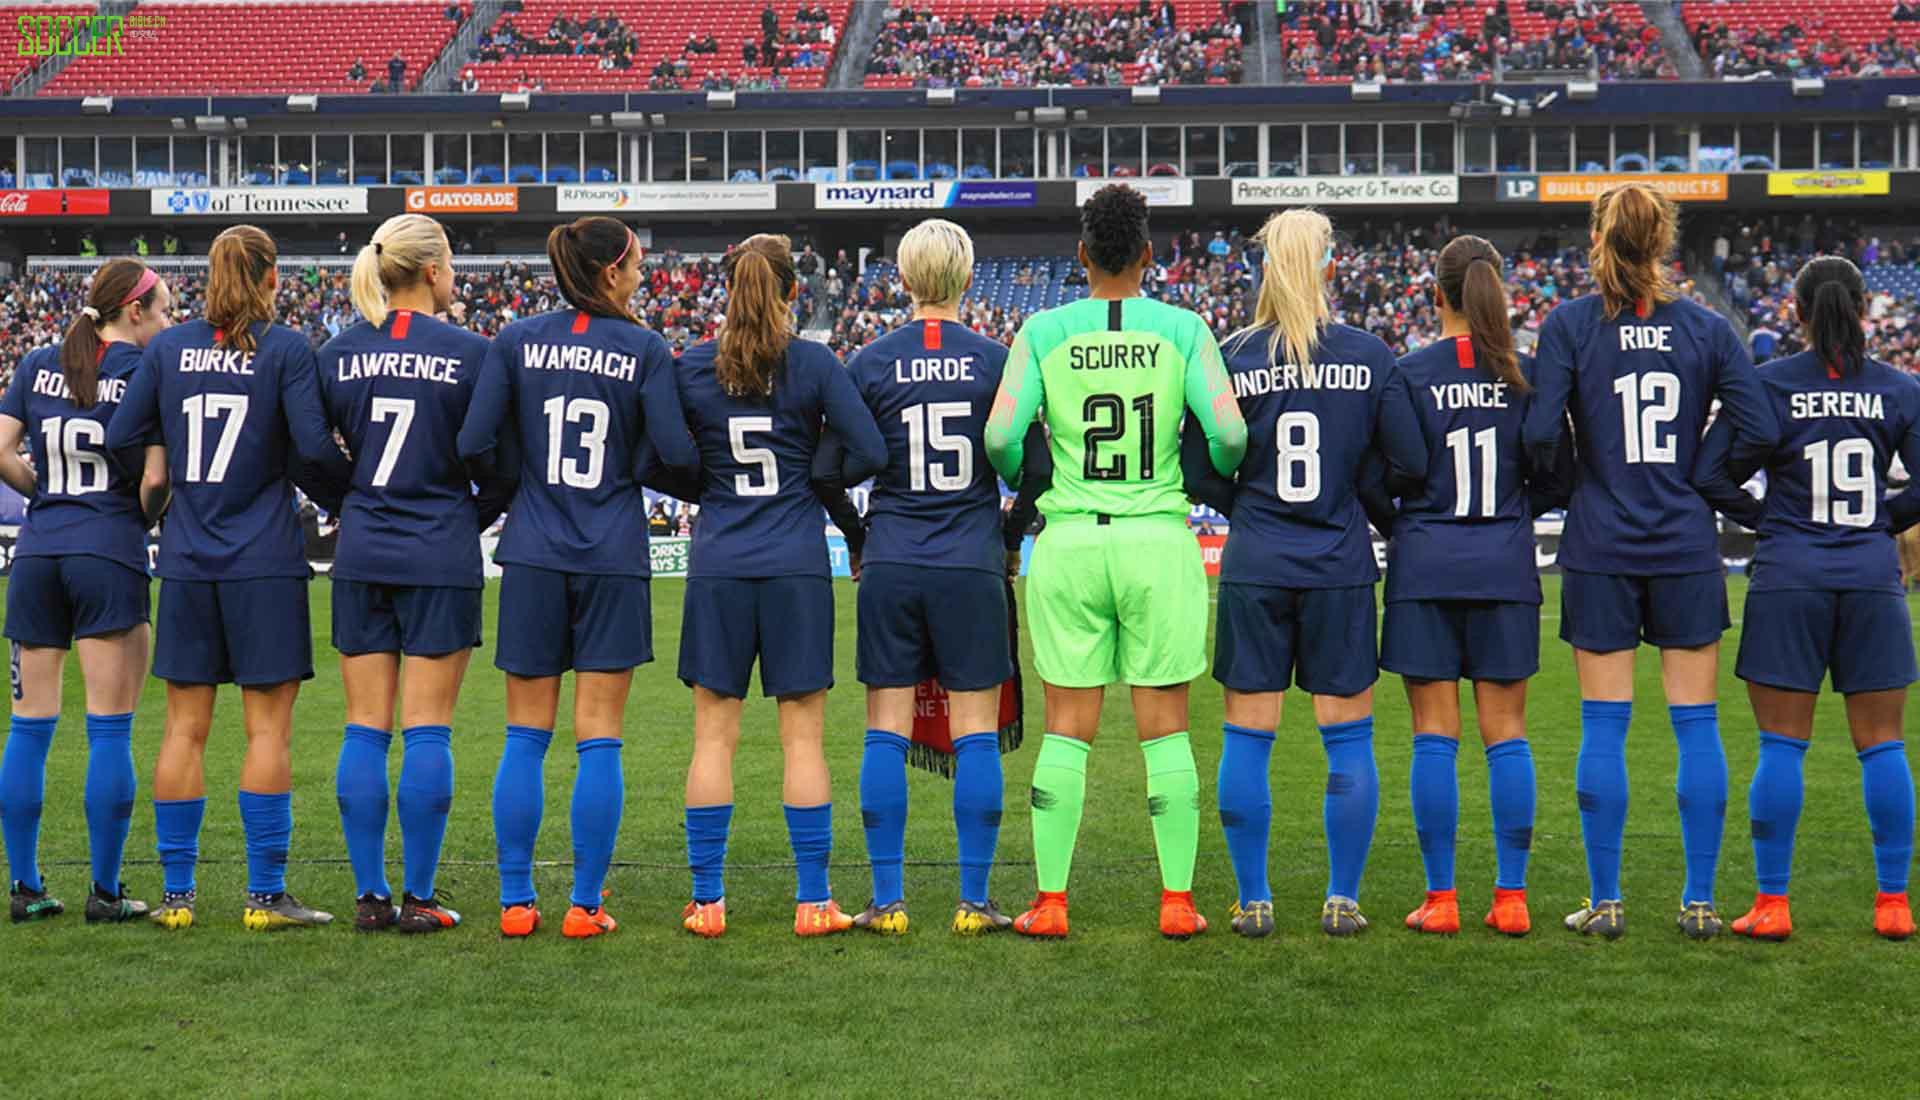 致敬偶像追逐梦想 美国女足球衣背后印上伟大女性姓名